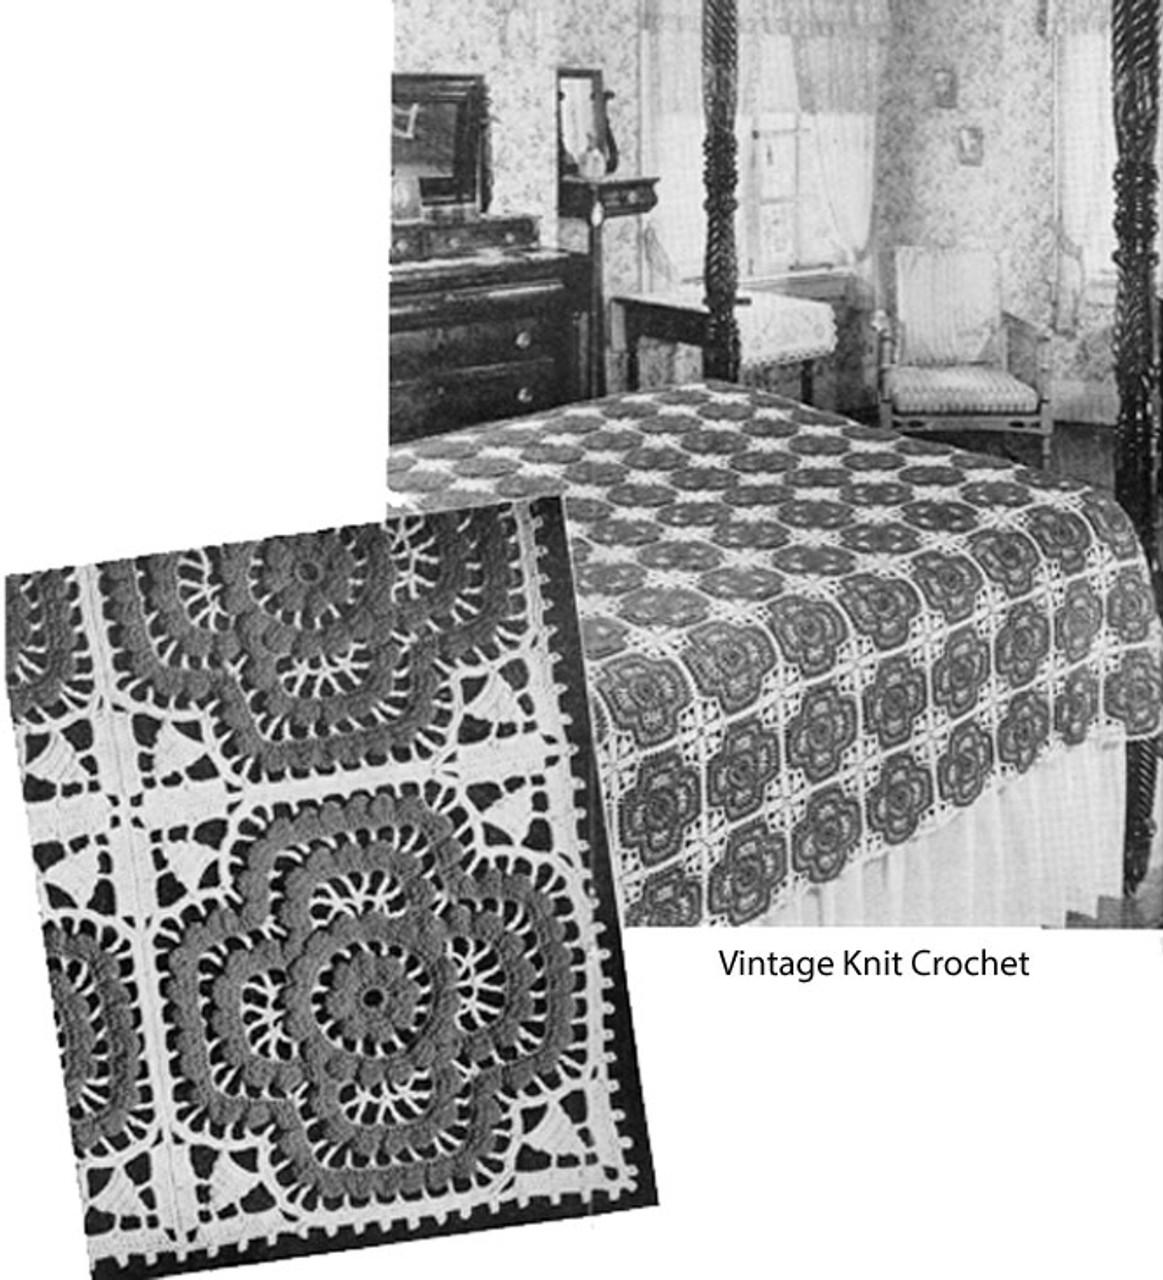 Vintage Rosette Crochet Bedspread Pattern, 1934